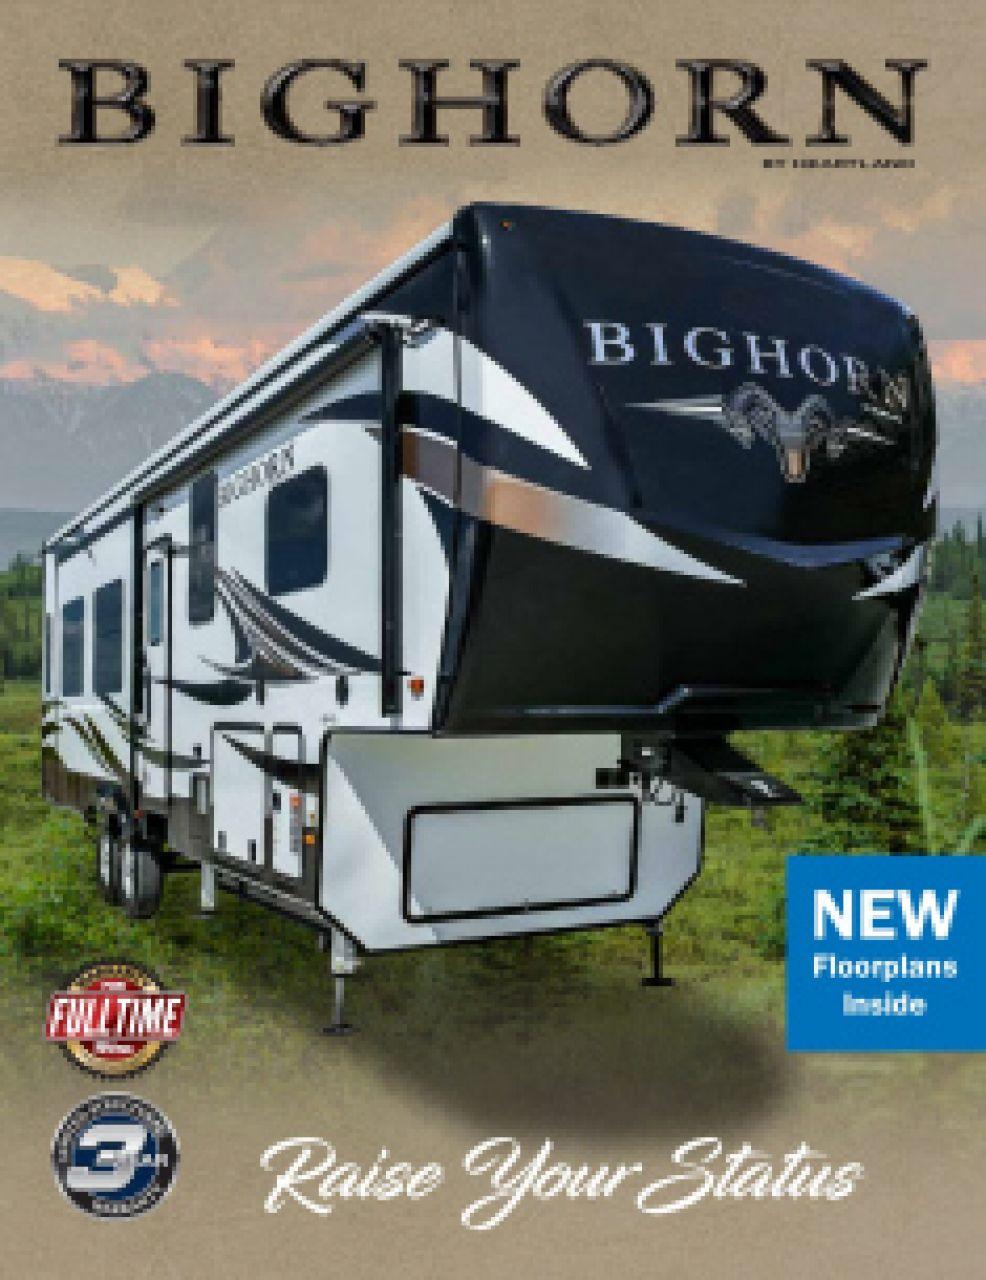 bighorn-2019-broch-lsrv-002-pdf